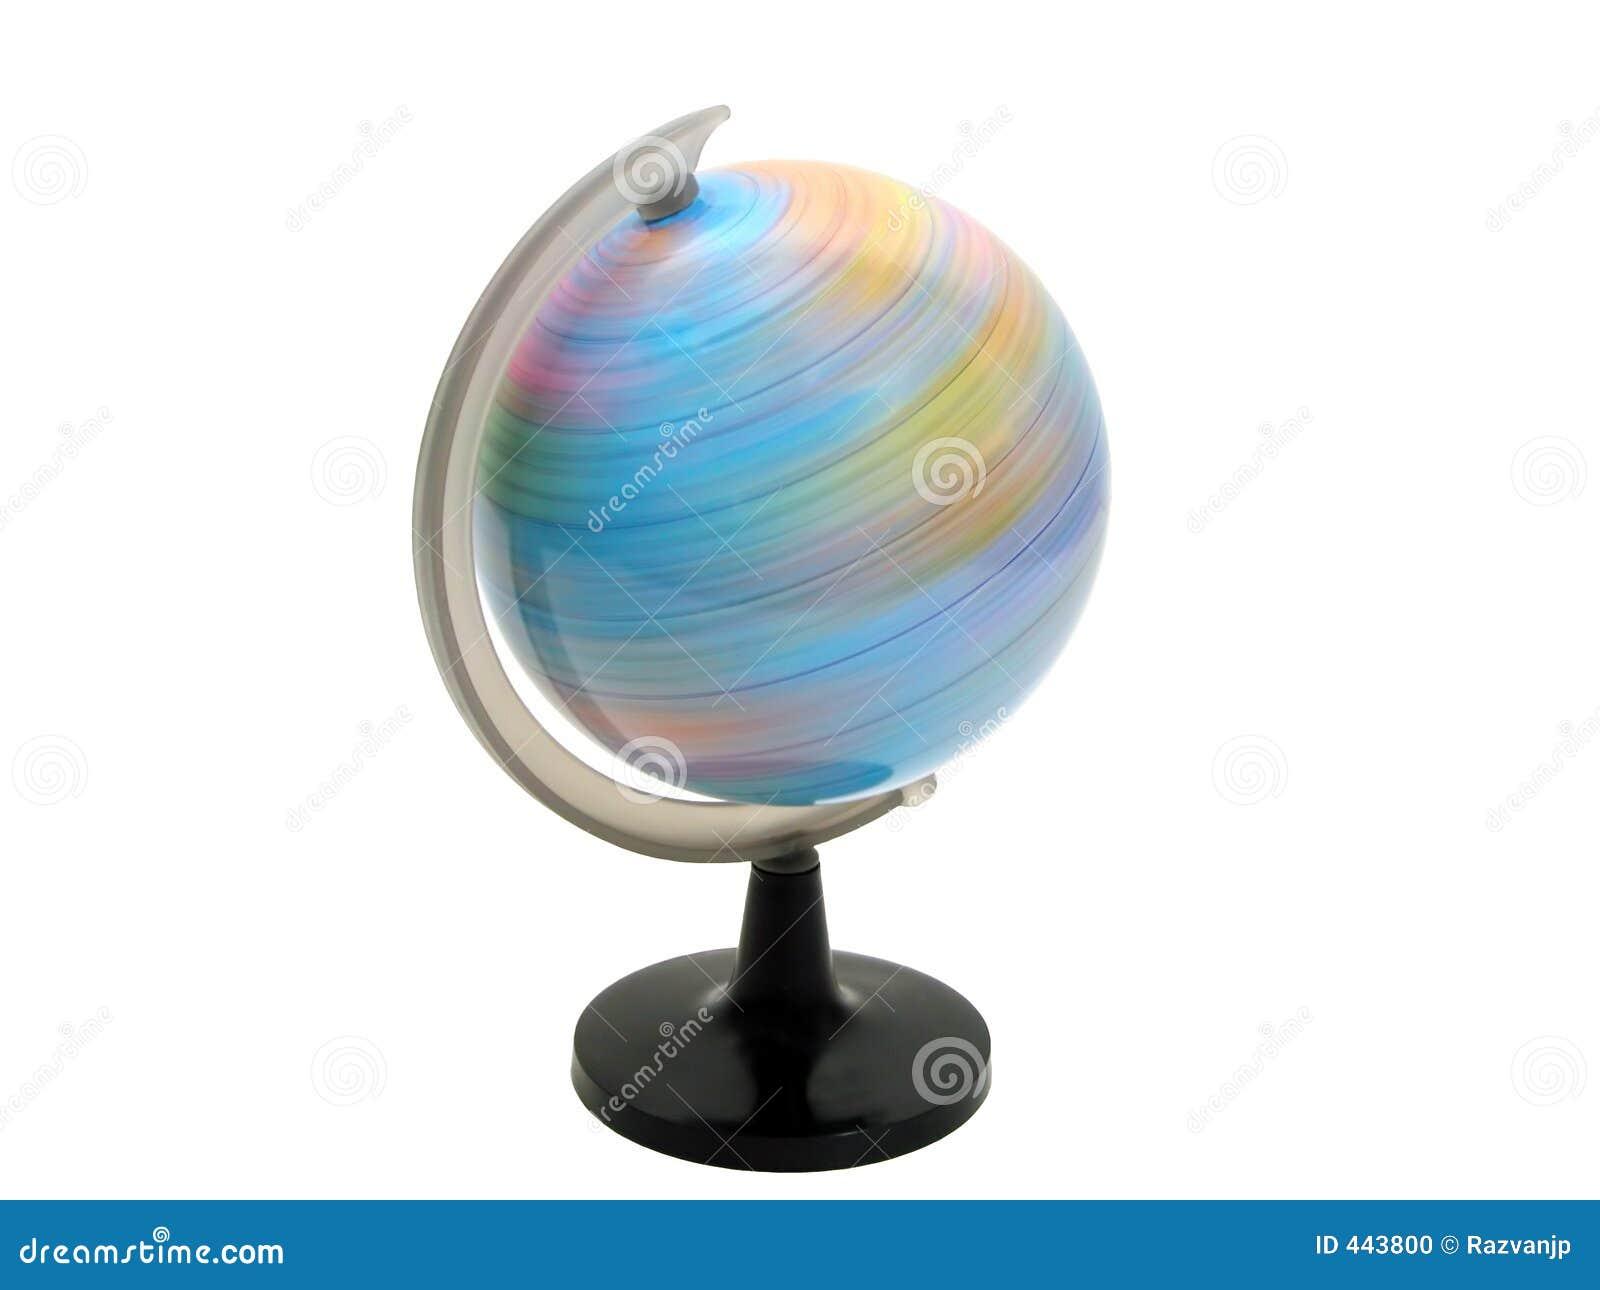 earth globe spinning stock photo image of turning globe 443800